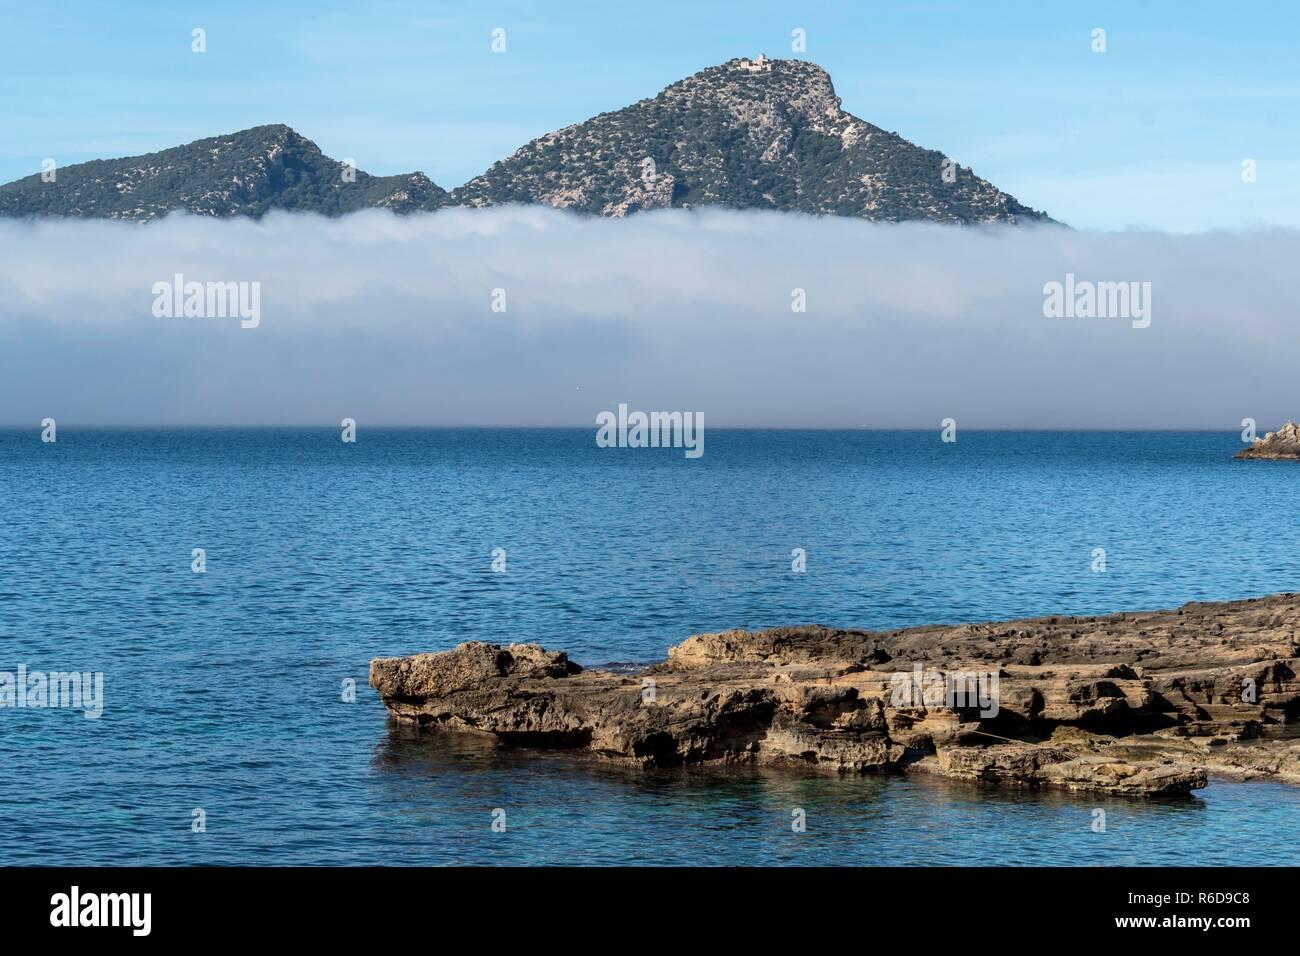 Mallorca, España. El 5 de diciembre, 2018. Los bancos de niebla cubre la isla de Mallorca en las Islas Baleares, España, 05 de diciembre de 2018. EFE/ Cati Cladera Crédito: Agencia de Noticias EFE/Alamy Live News Imagen De Stock